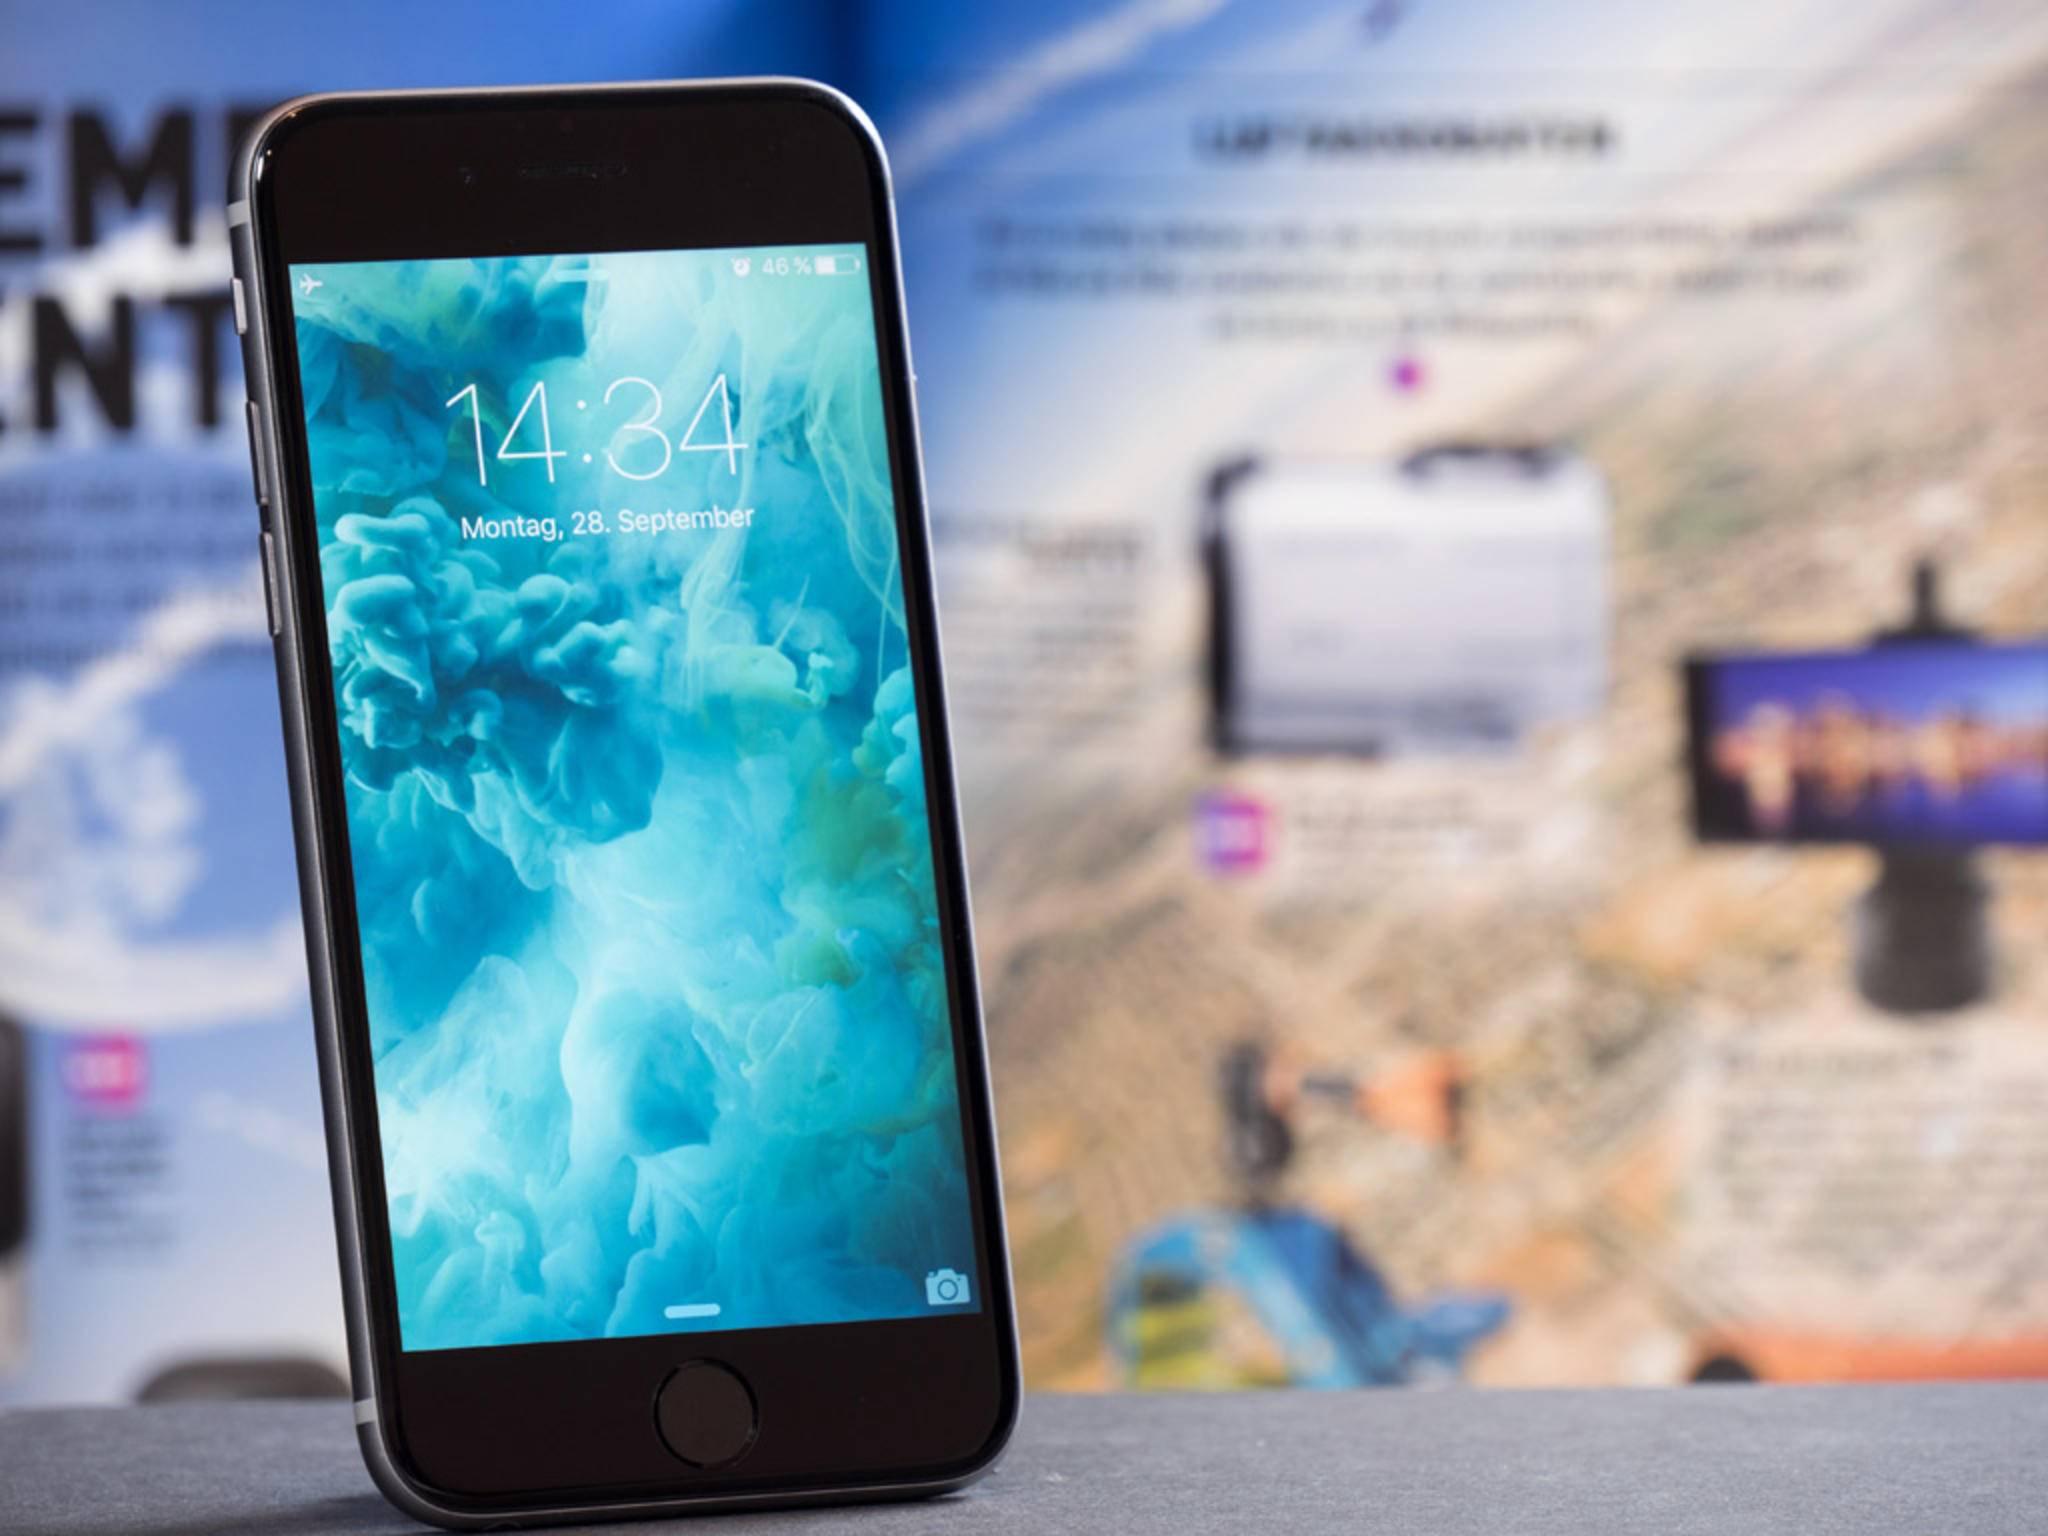 Die nächste Generation von Smartphones könnte 256 GB internen Speicher bekommen.